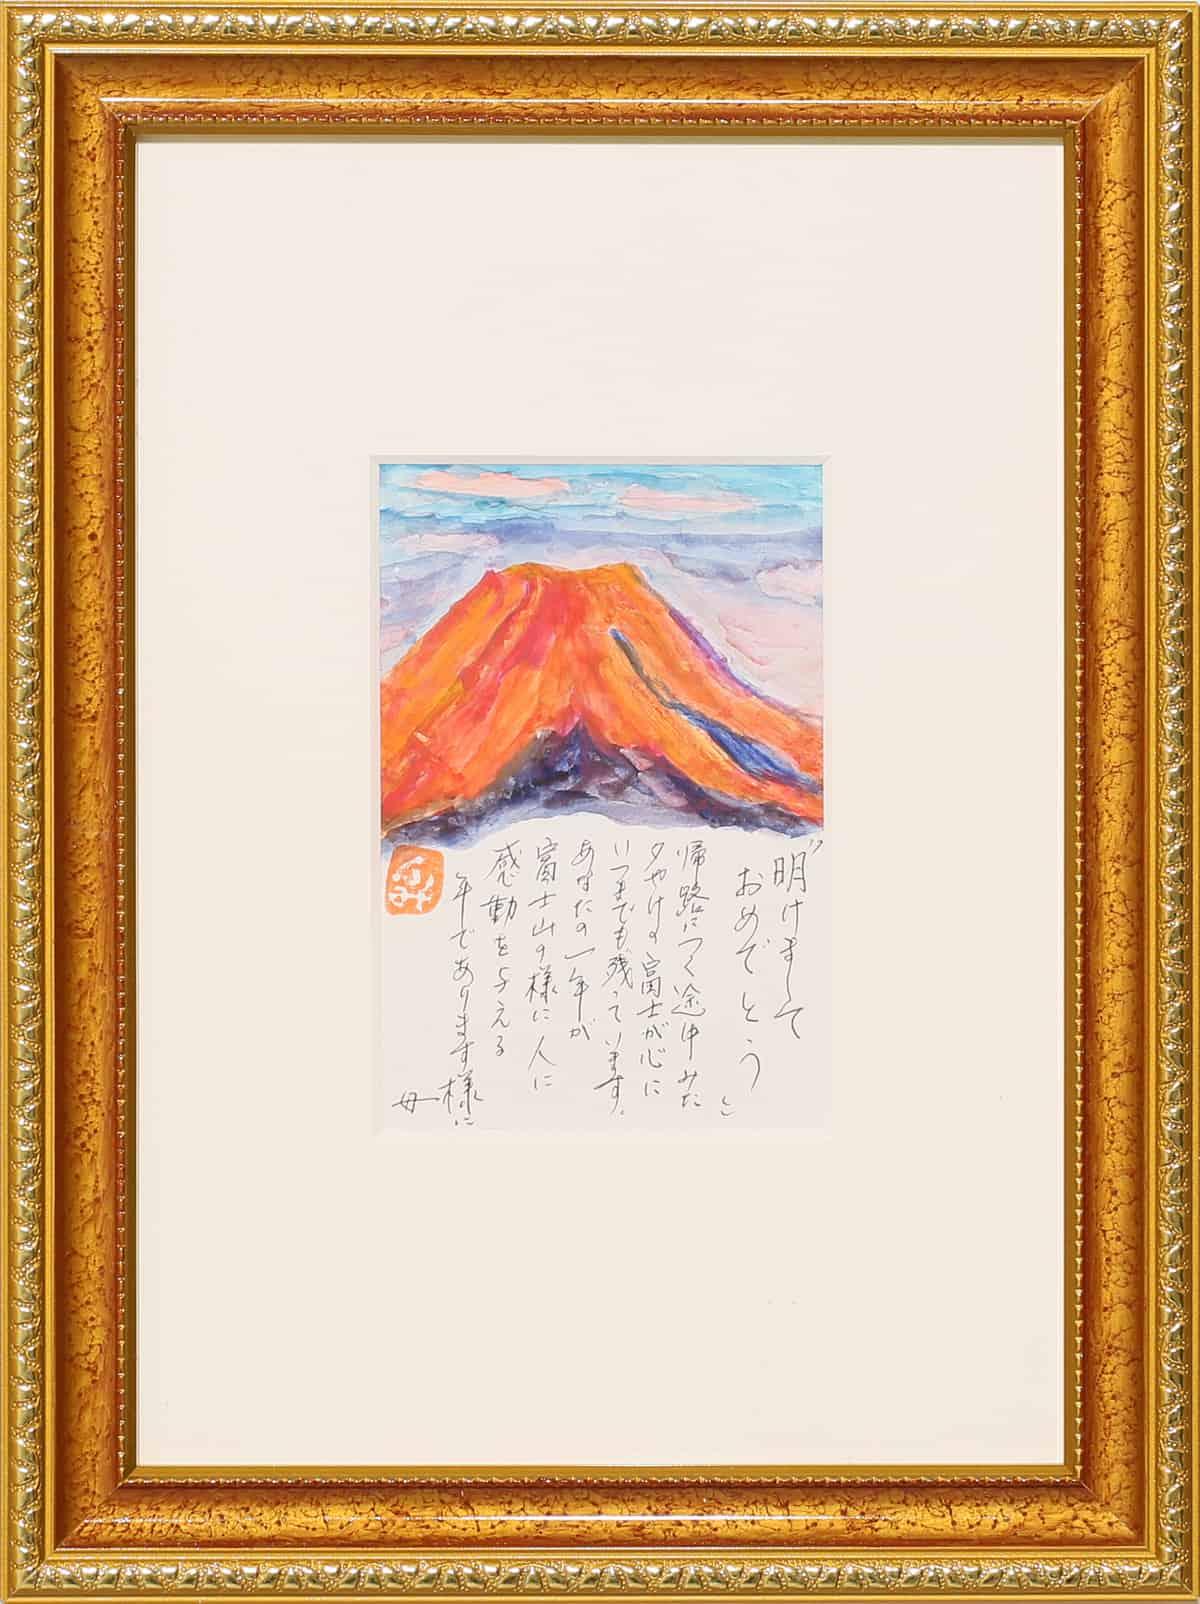 """""""明けましておめでとう""""帰路につく途中みた夕やけの富士が心にいつまでも残っています。あなたの一年が富士山の様に人に感動を与える年であります様に"""" 母"""